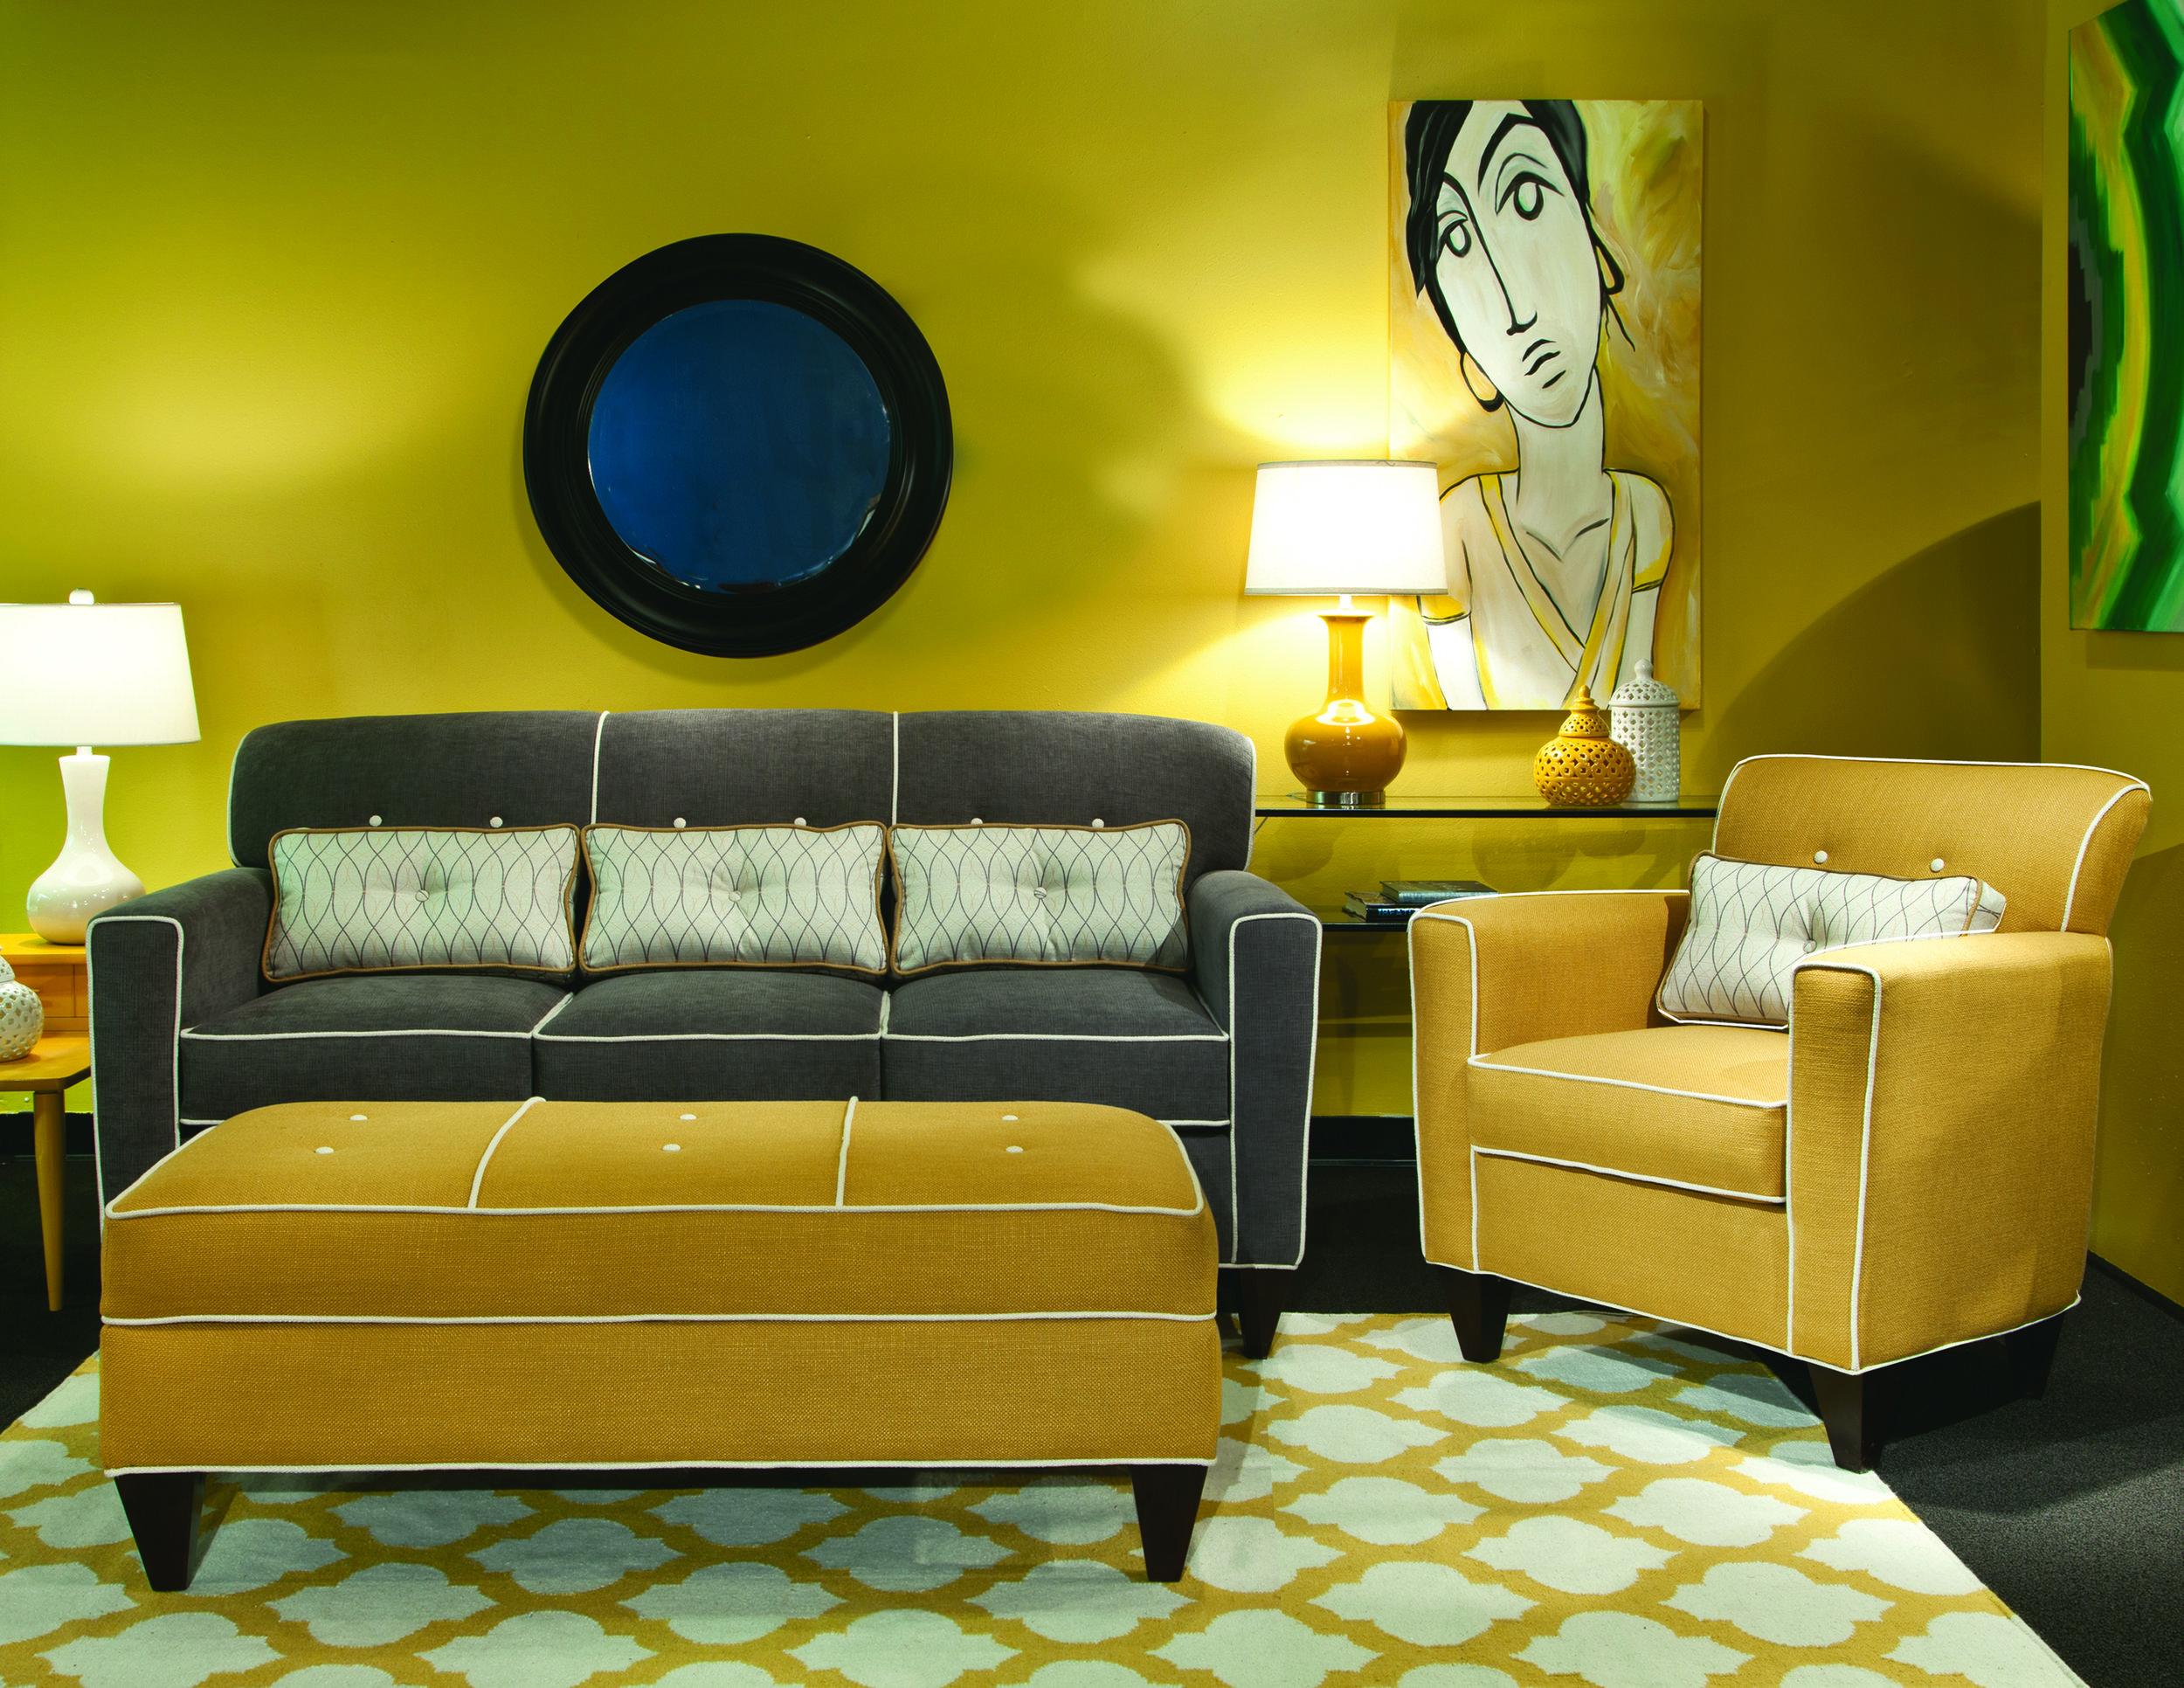 EY Angle Sofa & ottoman.jpg